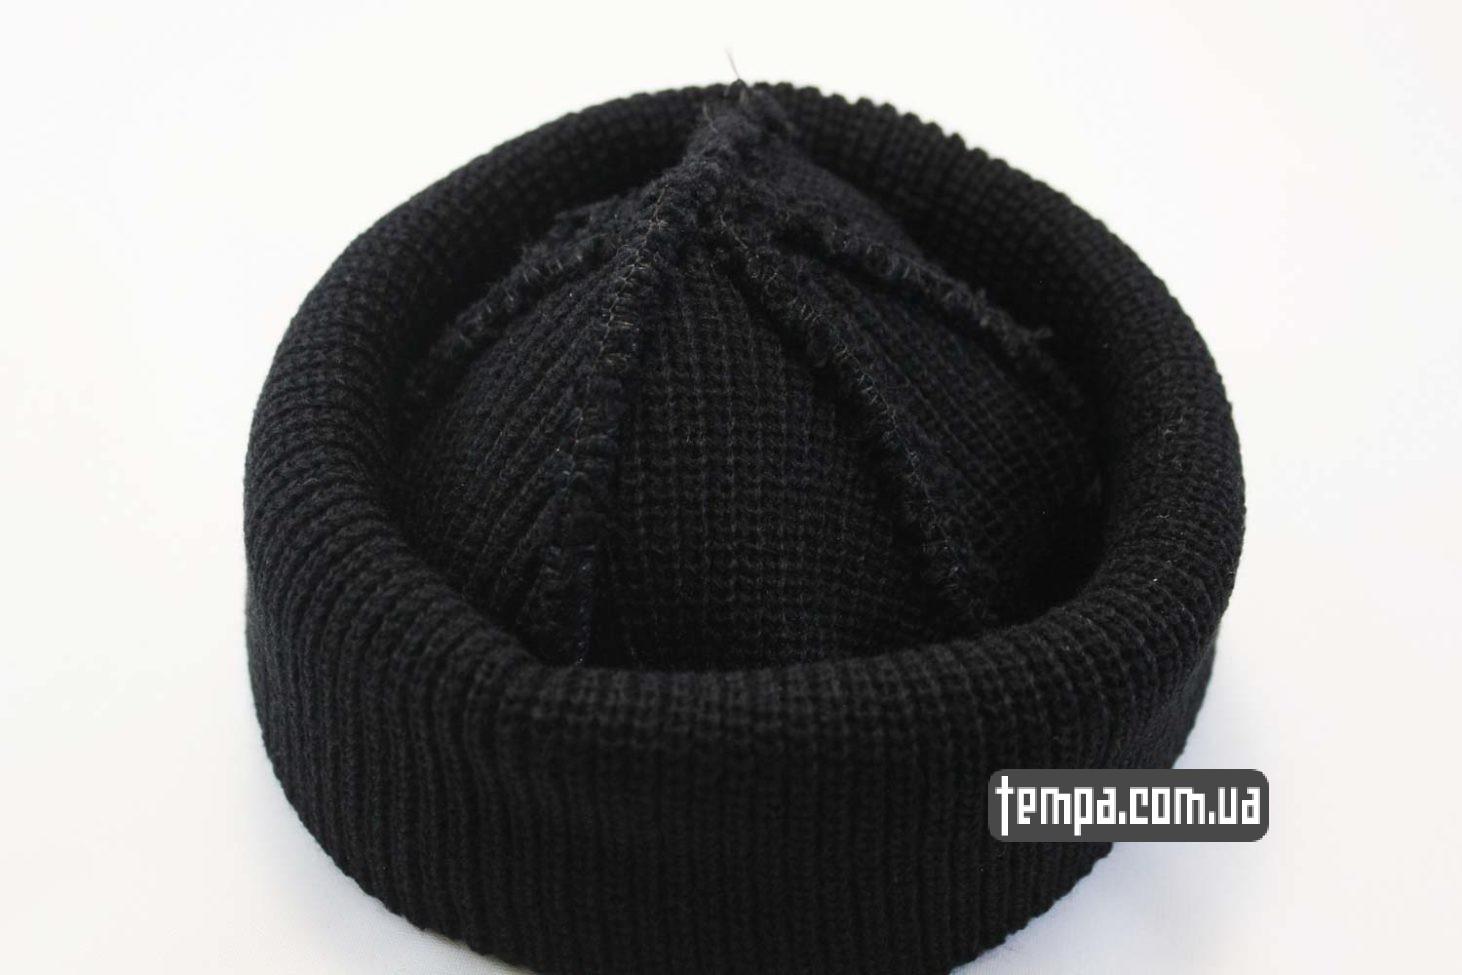 Шапка Монатика черная ASOS бини купить в Украине  0eeaee54aec11